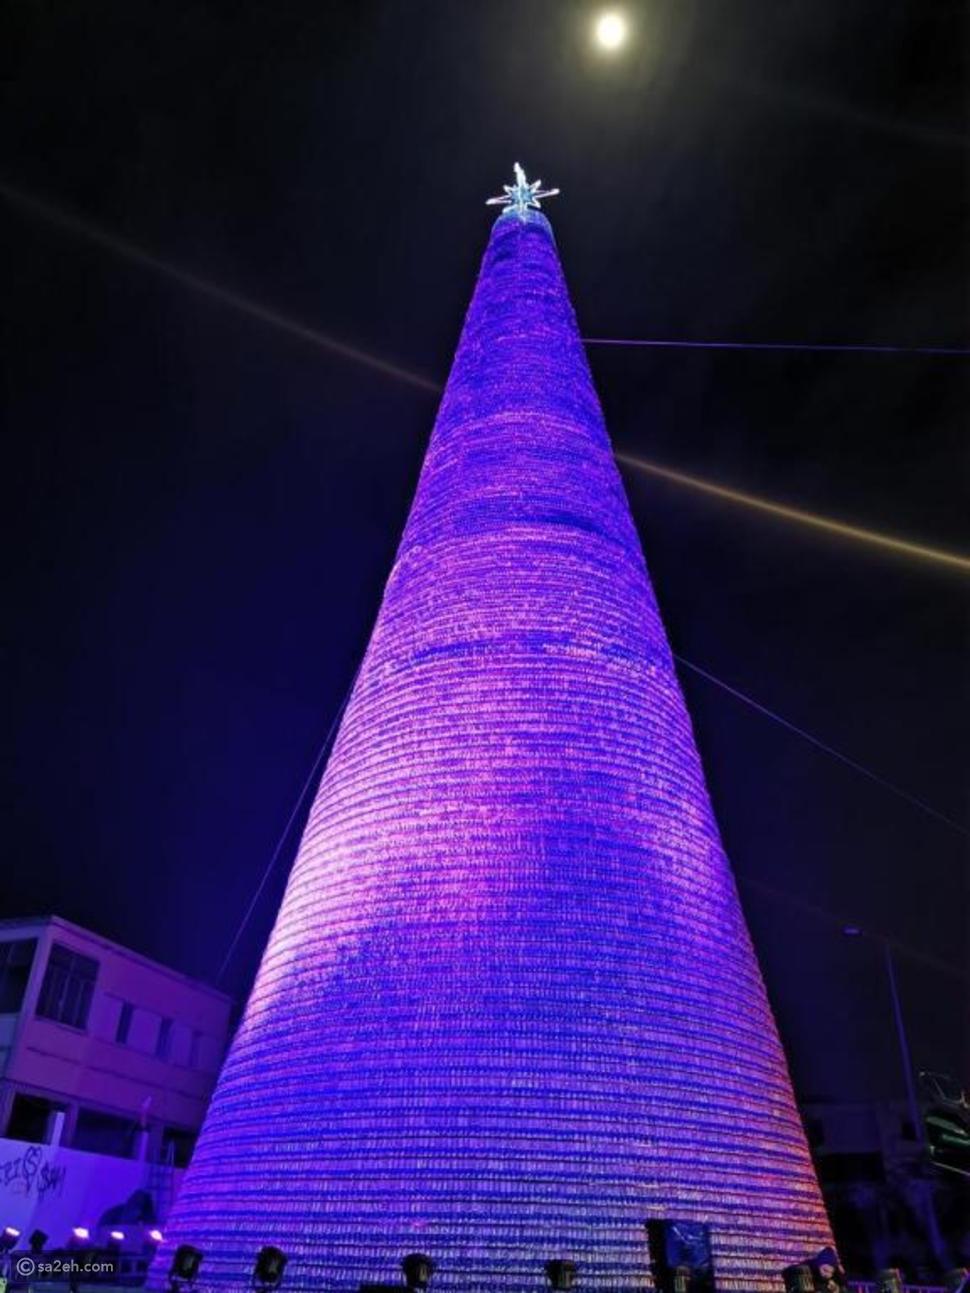 صديقة للبيئة: شجرة كريسماس لبنانية تدخل موسوعة جينيس